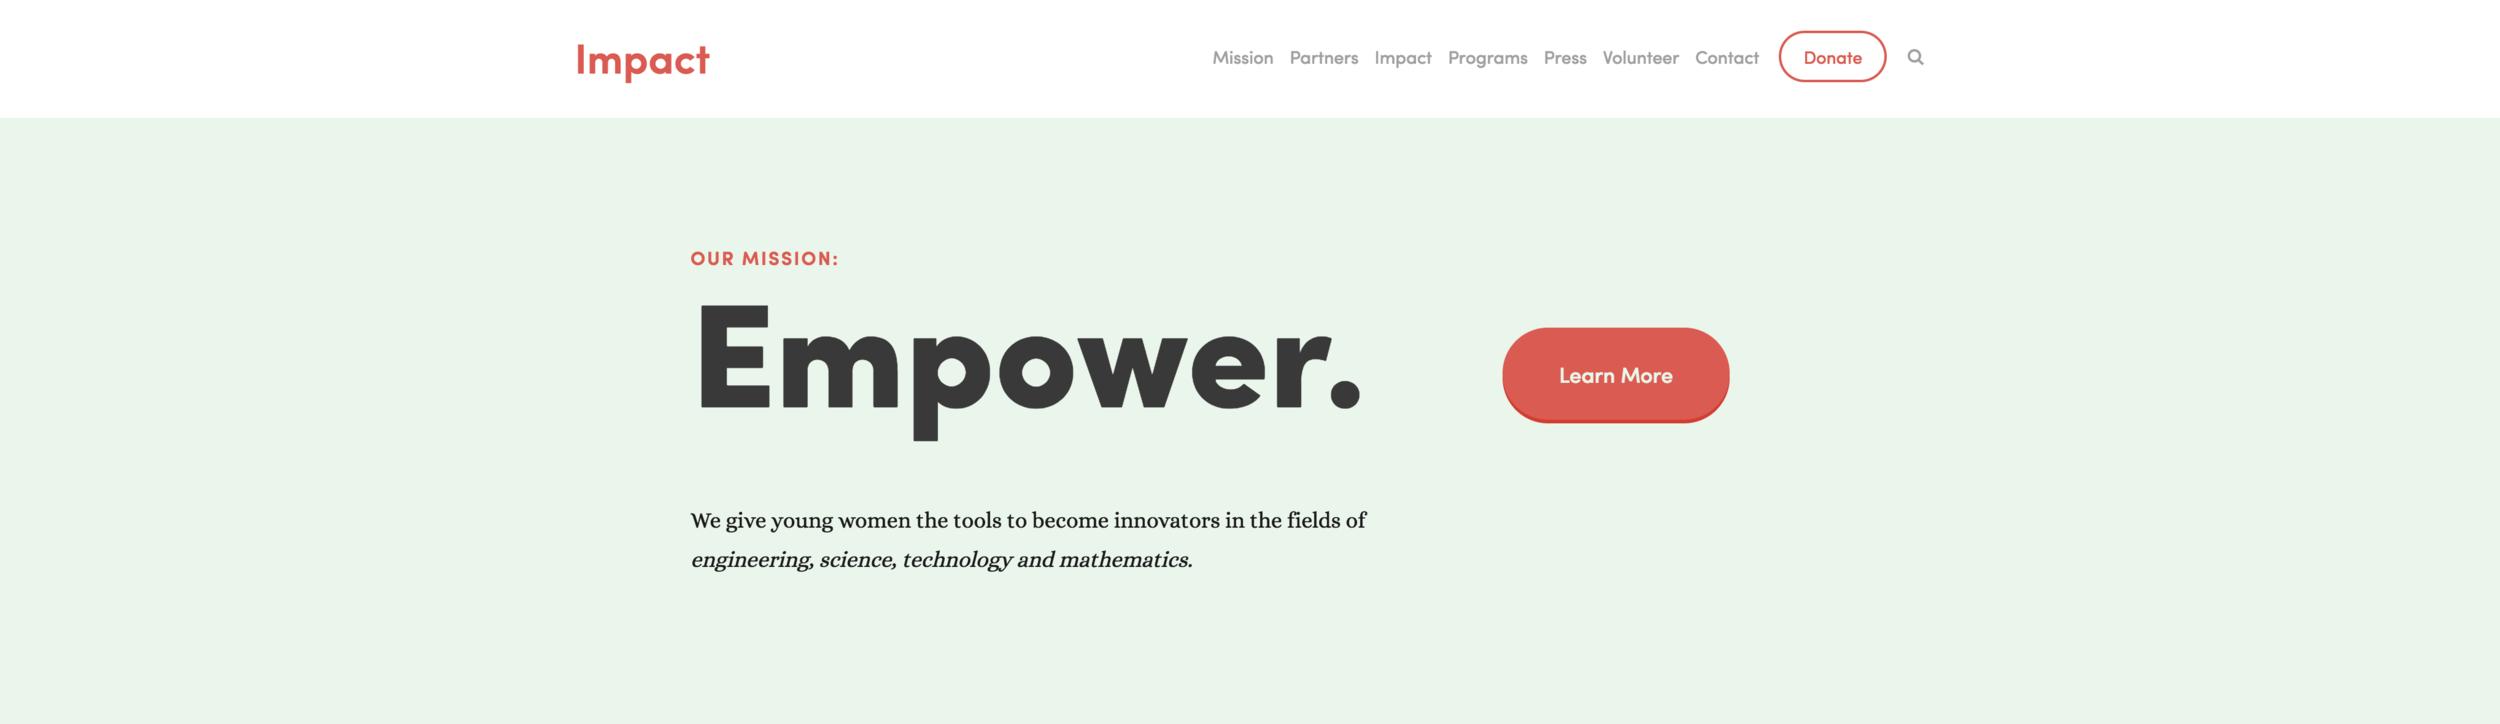 Nieuw Squarespace template voor 2018: Impact